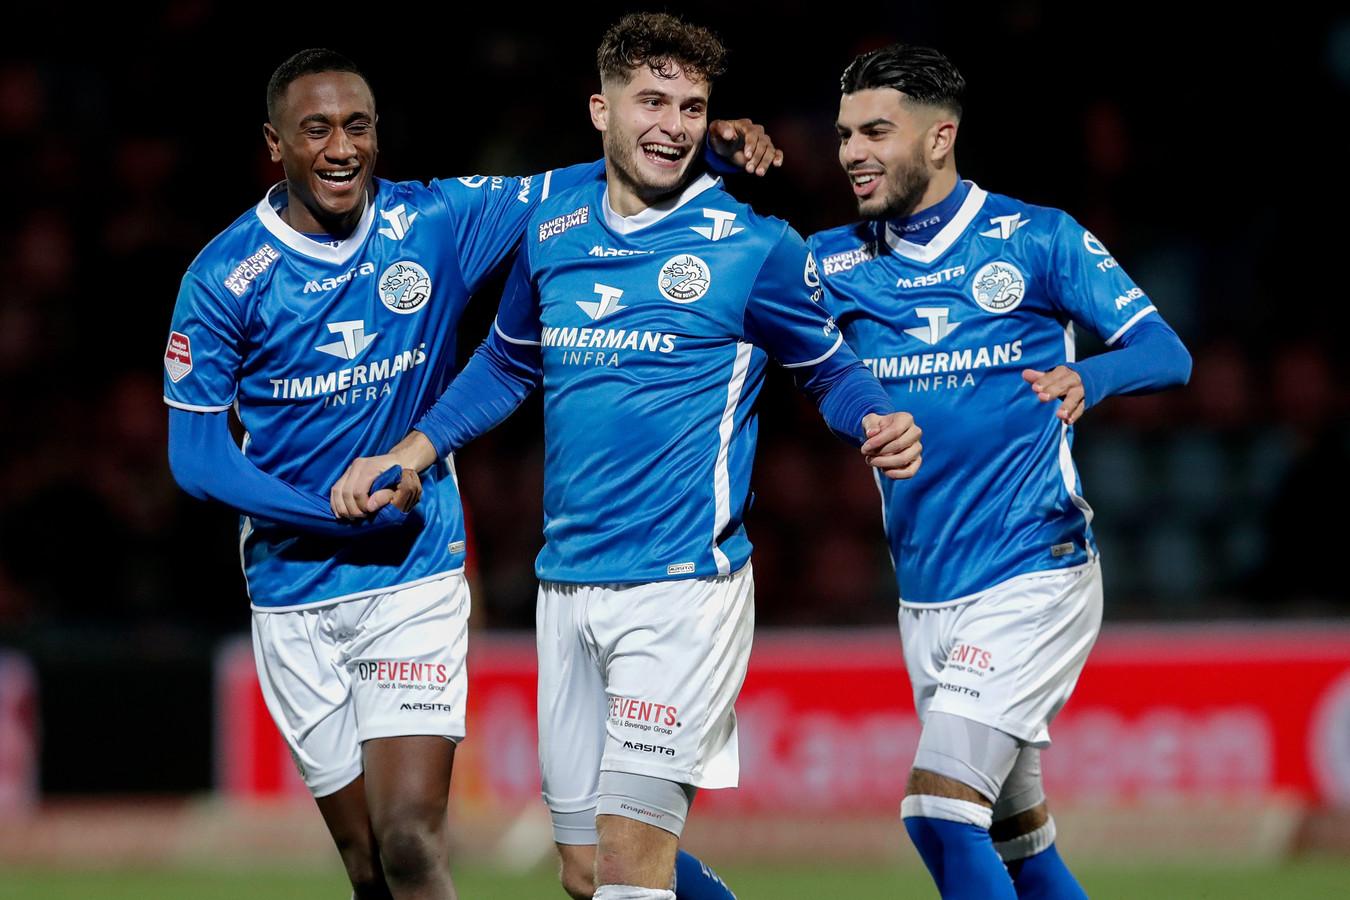 Ruben Rodrigues (midden) juicht na zijn 2-0 tegen FC Dordrecht met Kevin Felida (l) en Azzeddine Dkidak (r), twee weken na de veelbesproken thuiswedstrijd tegen Excelsior.